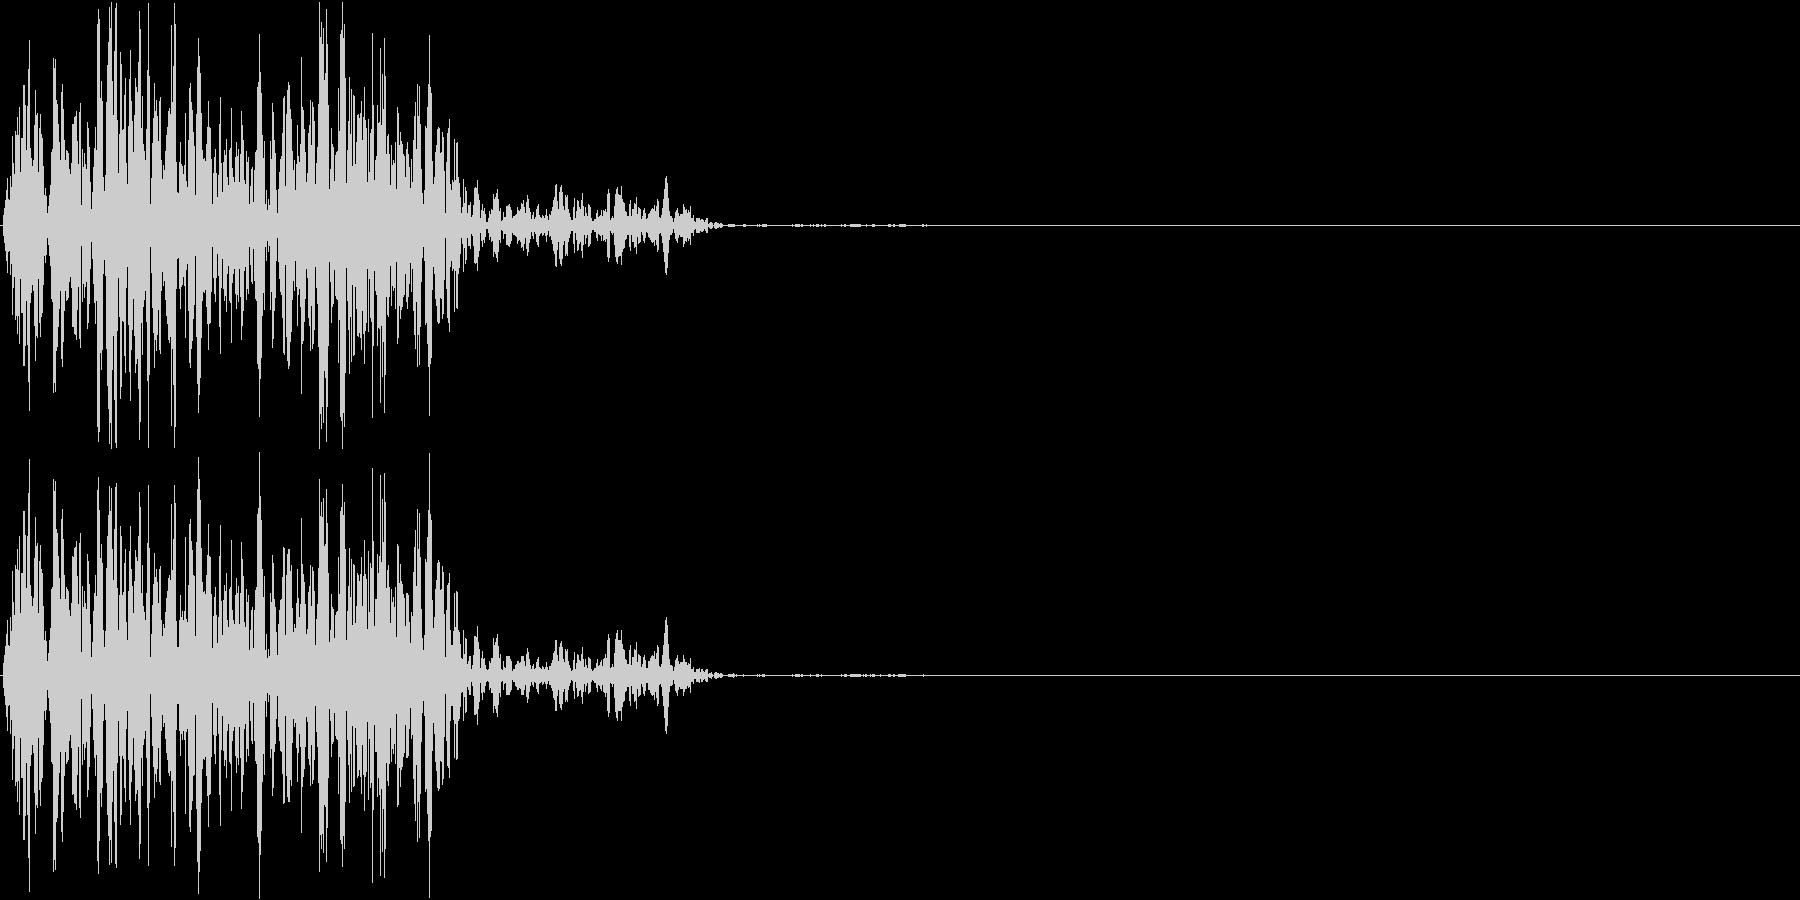 【ガスッ!】ファミコン系 破壊音_02の未再生の波形